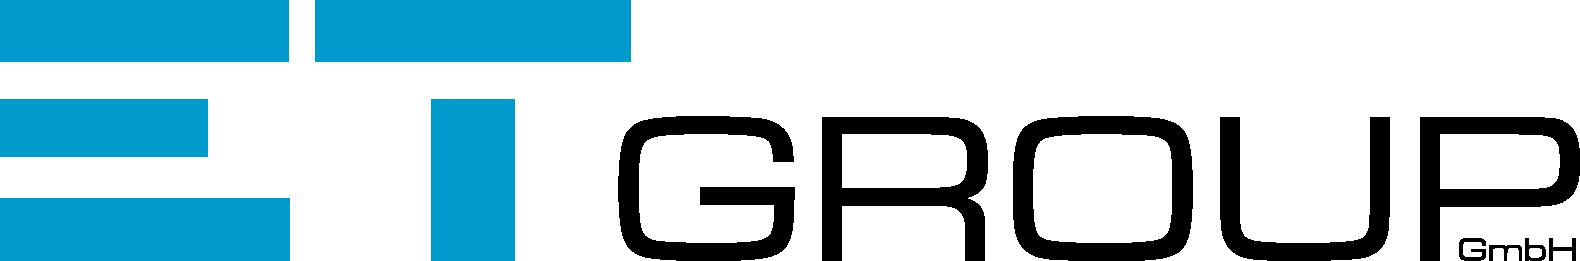 ET Group GmbH - interdisziplinärer Metallbau - 2021